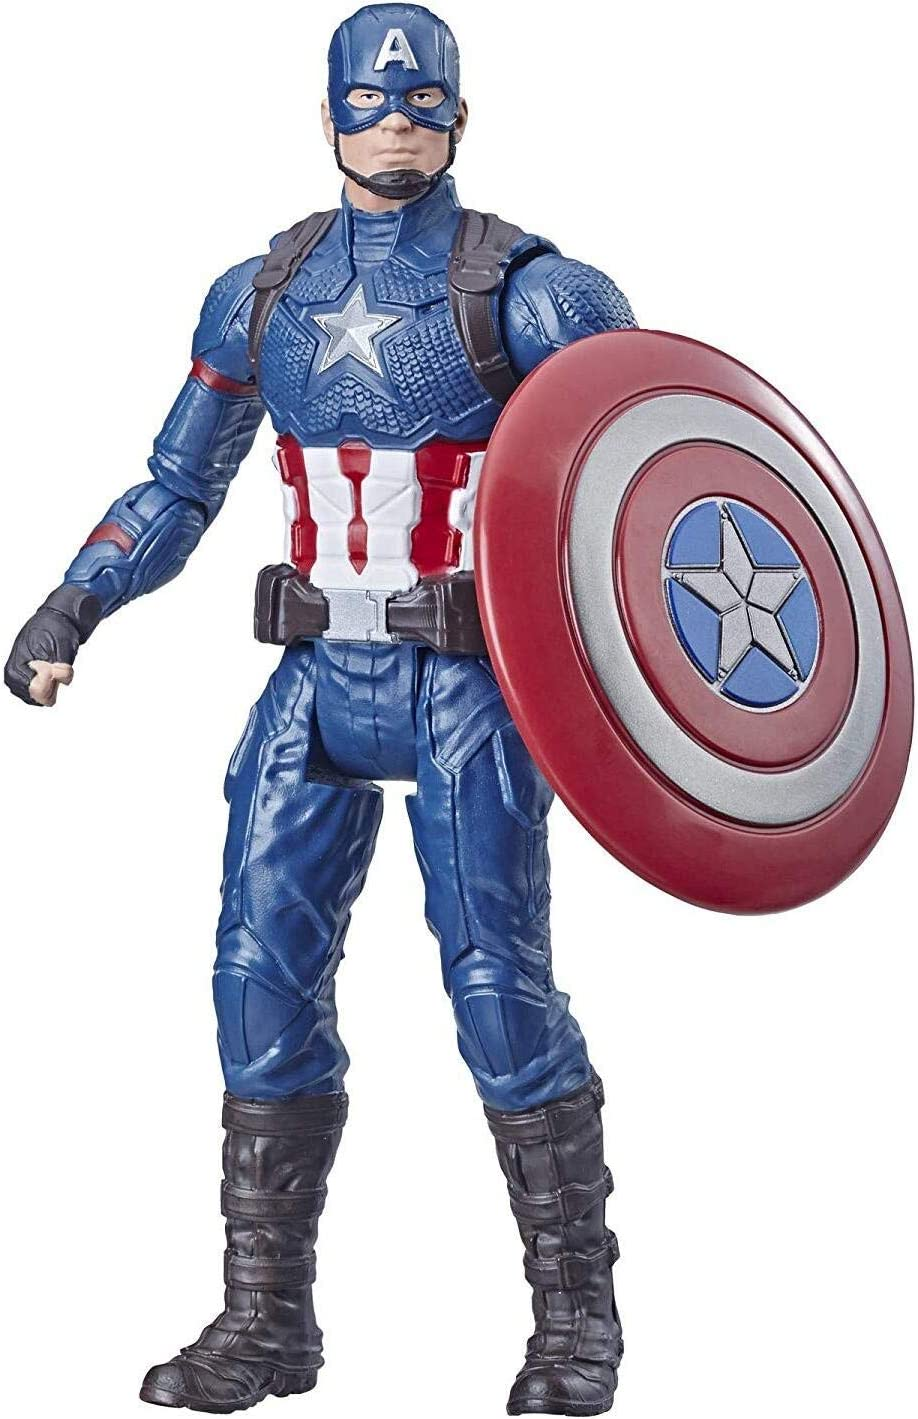 Avengers Marvel Captain America 6